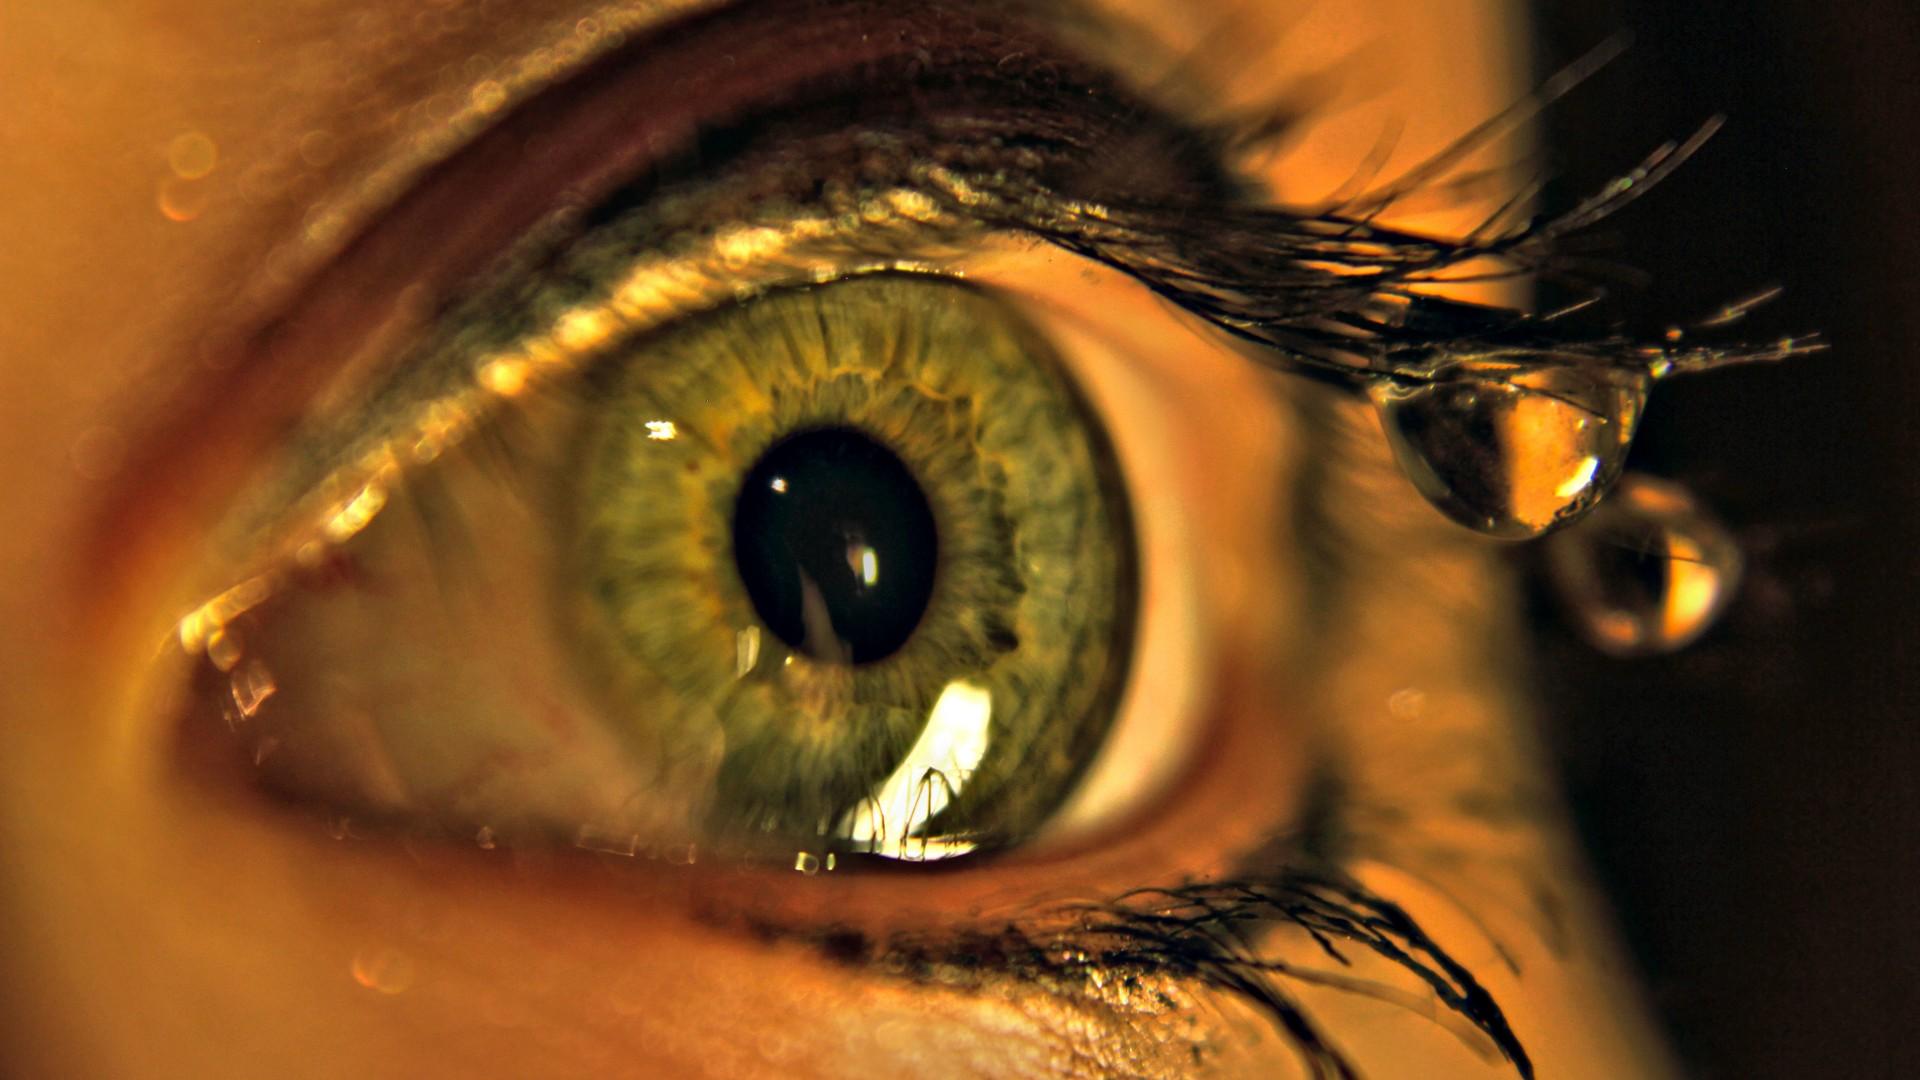 Download 3D Eye Tears Desktop HD Wallpaper Search more high 1920x1080